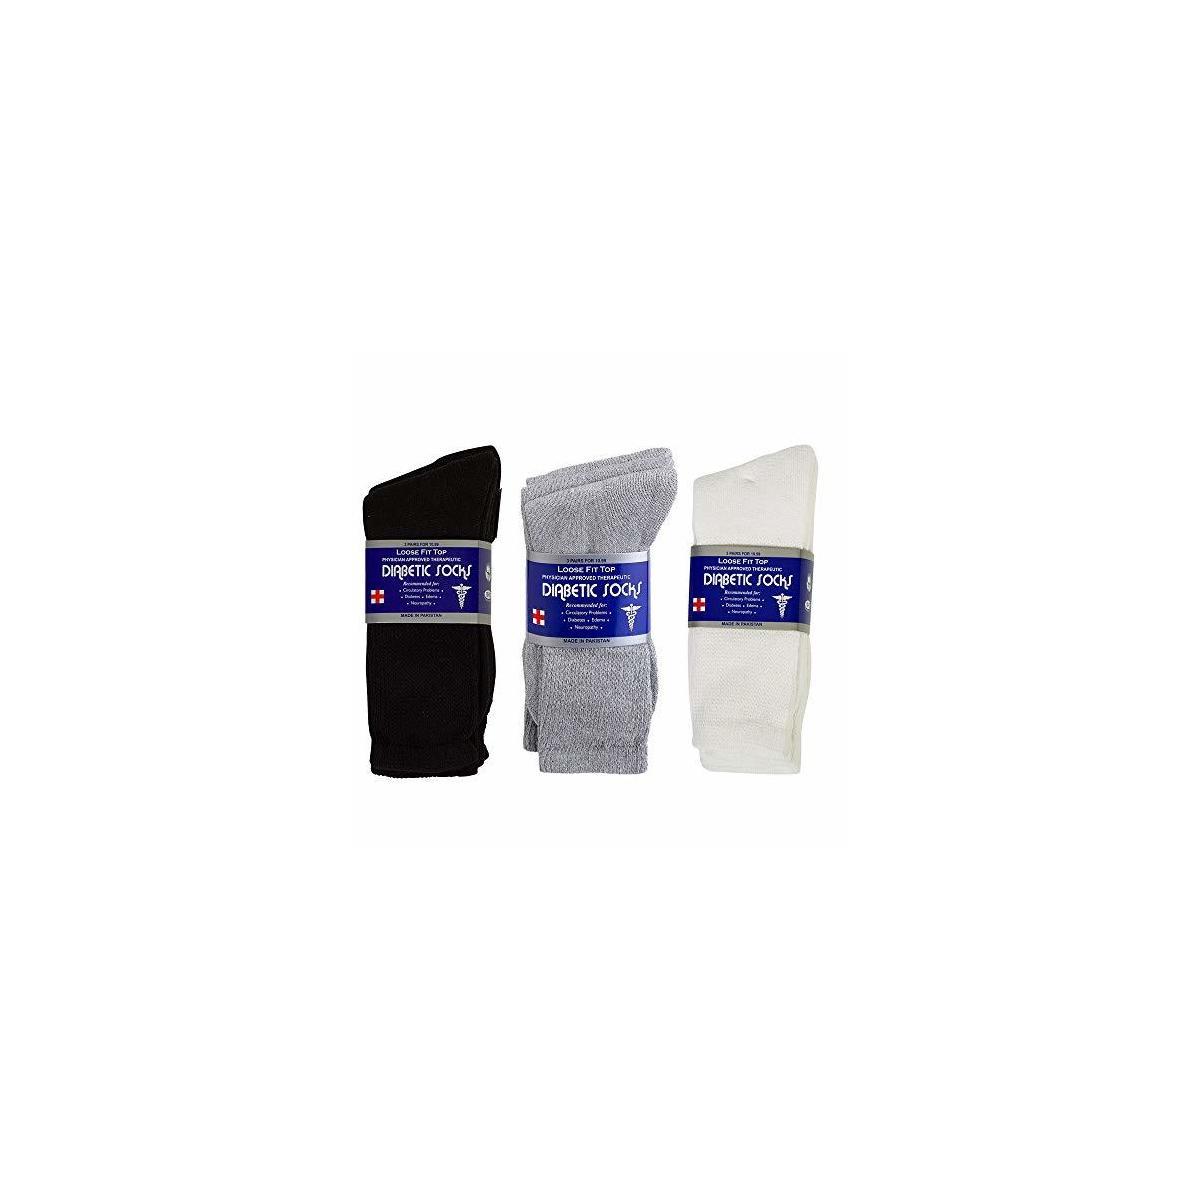 Diabetic Socks for Men/Women 6 Pairs Crew Socks by Debra Weitzner REBATE APPLIES TO BLACK 13-15